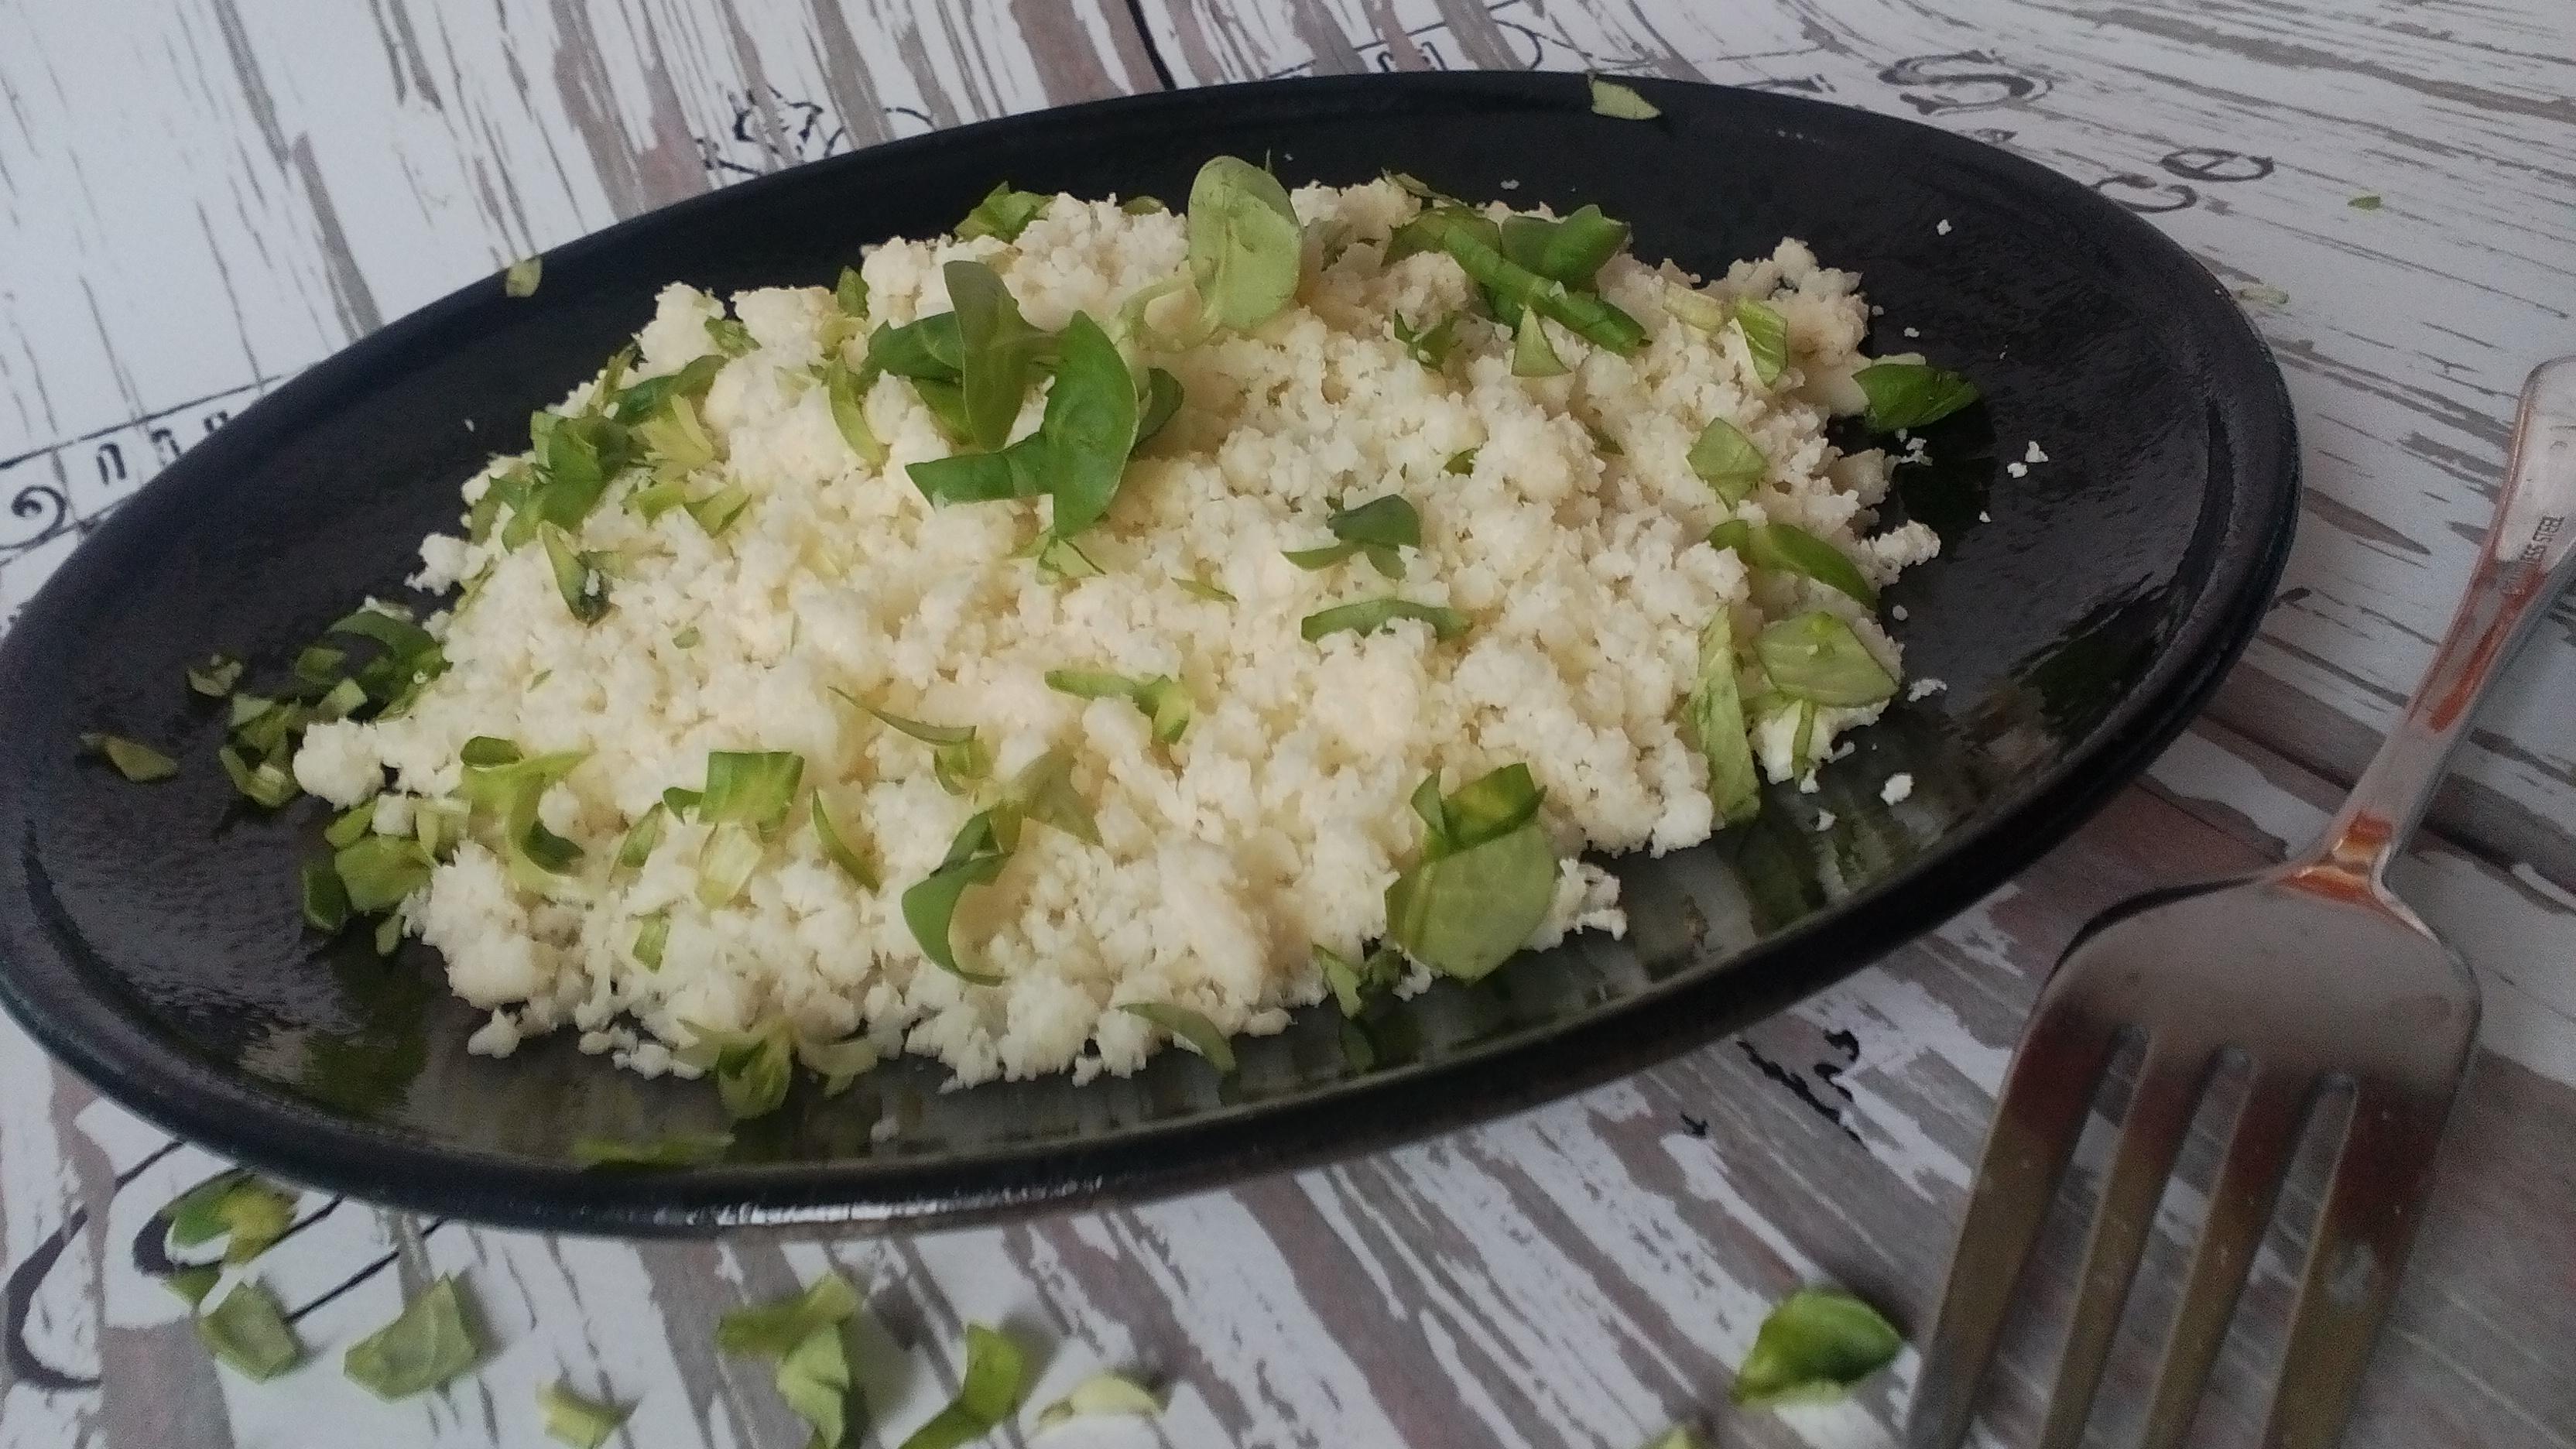 Karfiolrizs készítése – diétás köret ötlet